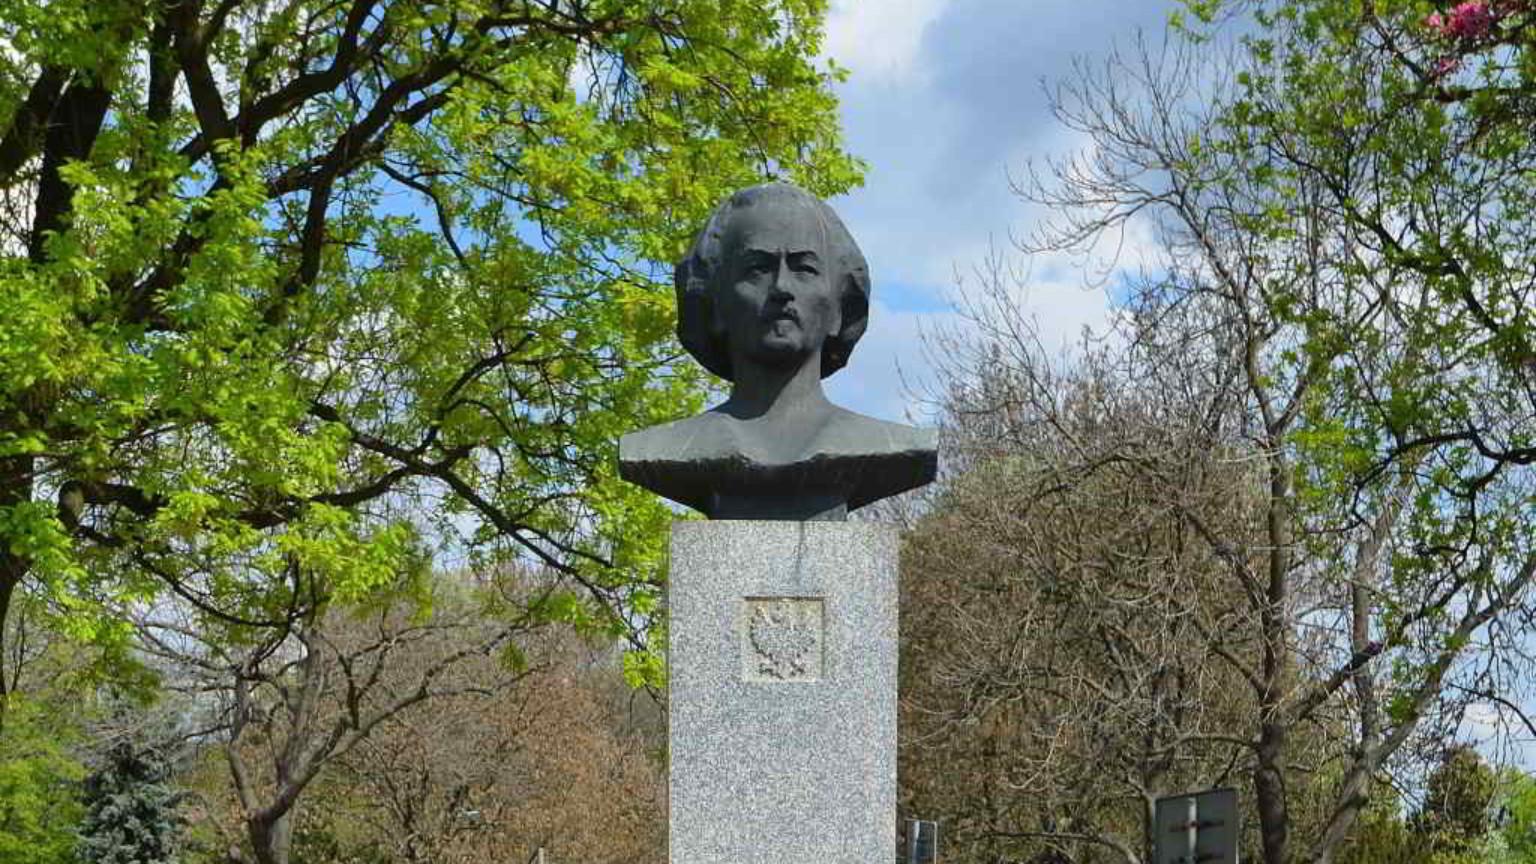 Zdjęcie dla kartki: Odsłonięcie popiersia Ignacego Jana Paderewskiego